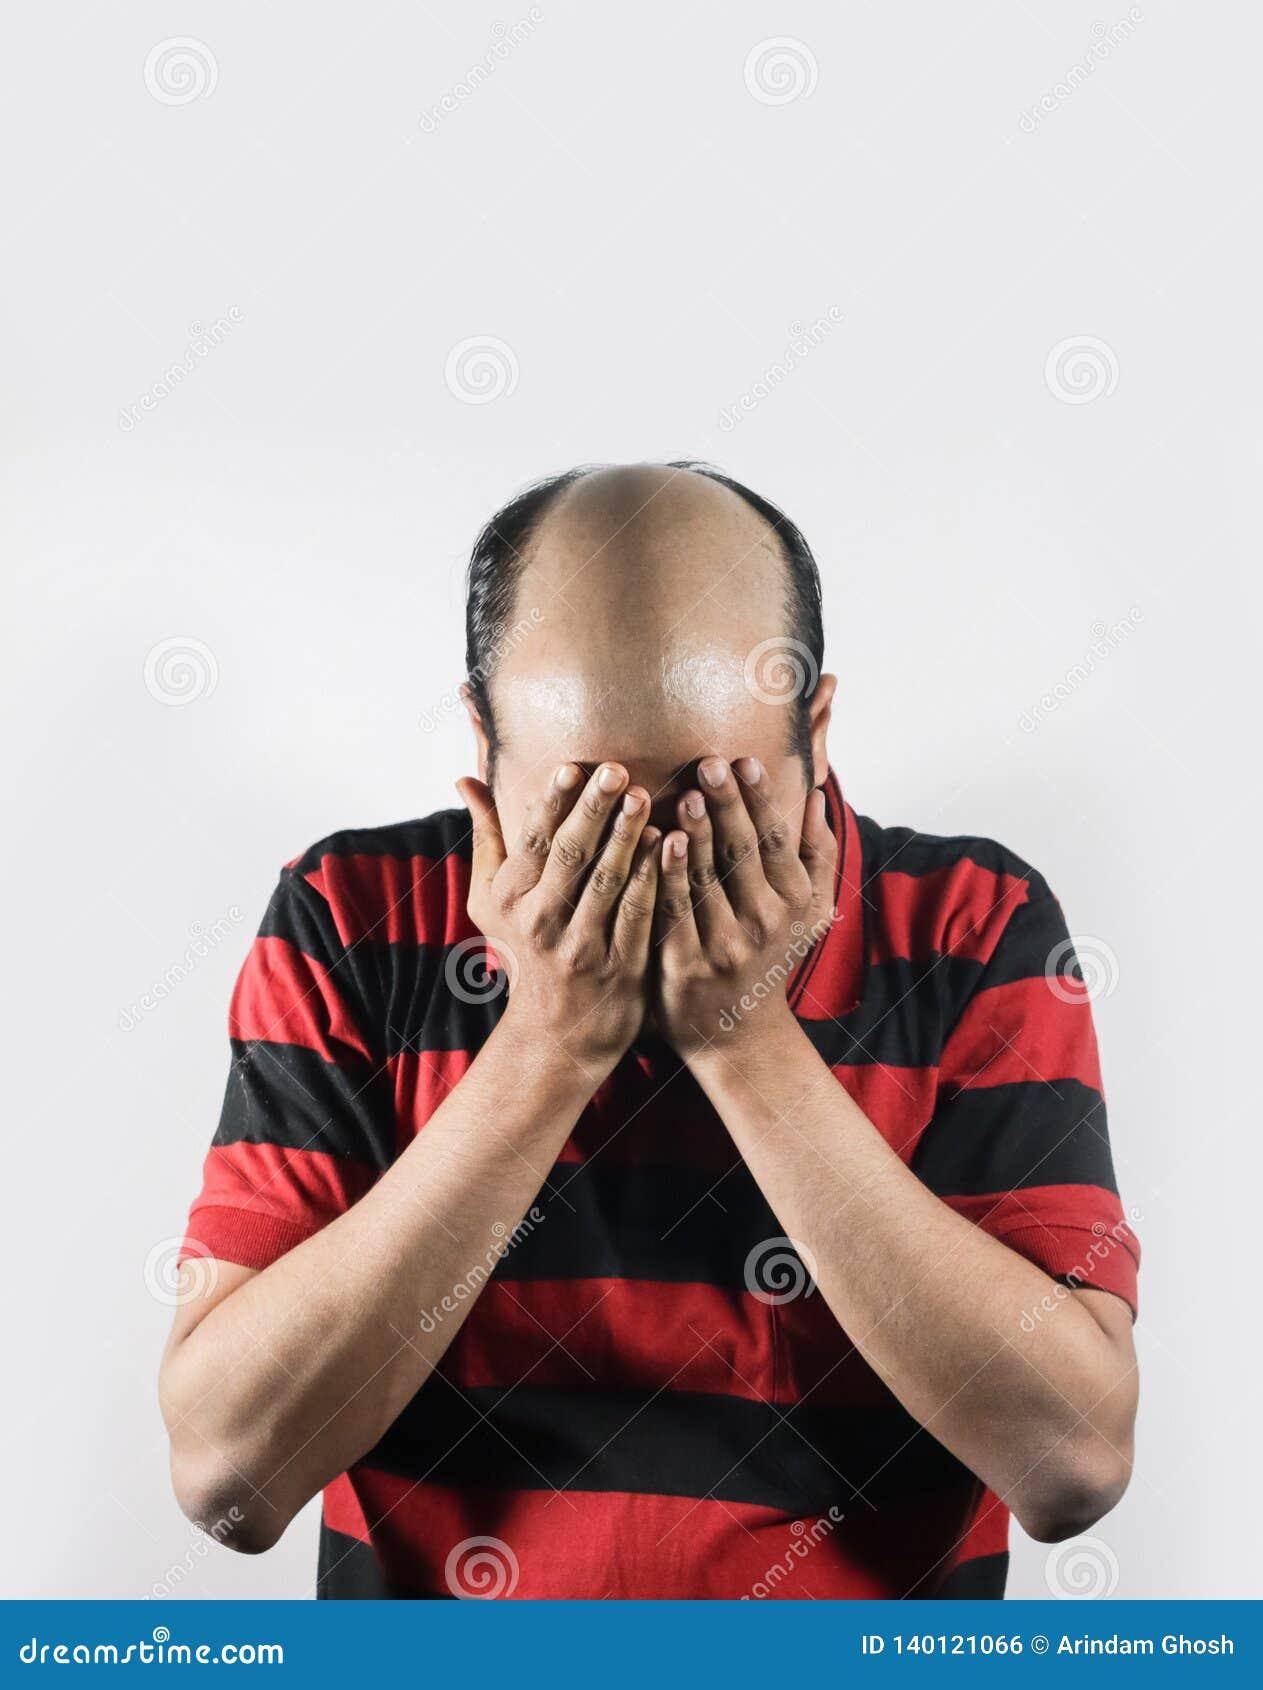 Φαλακρό άτομο που καλύπτει το πρόσωπό του στην ντροπή στο άσπρο υπόβαθρο με το διάστημα για το κείμενο